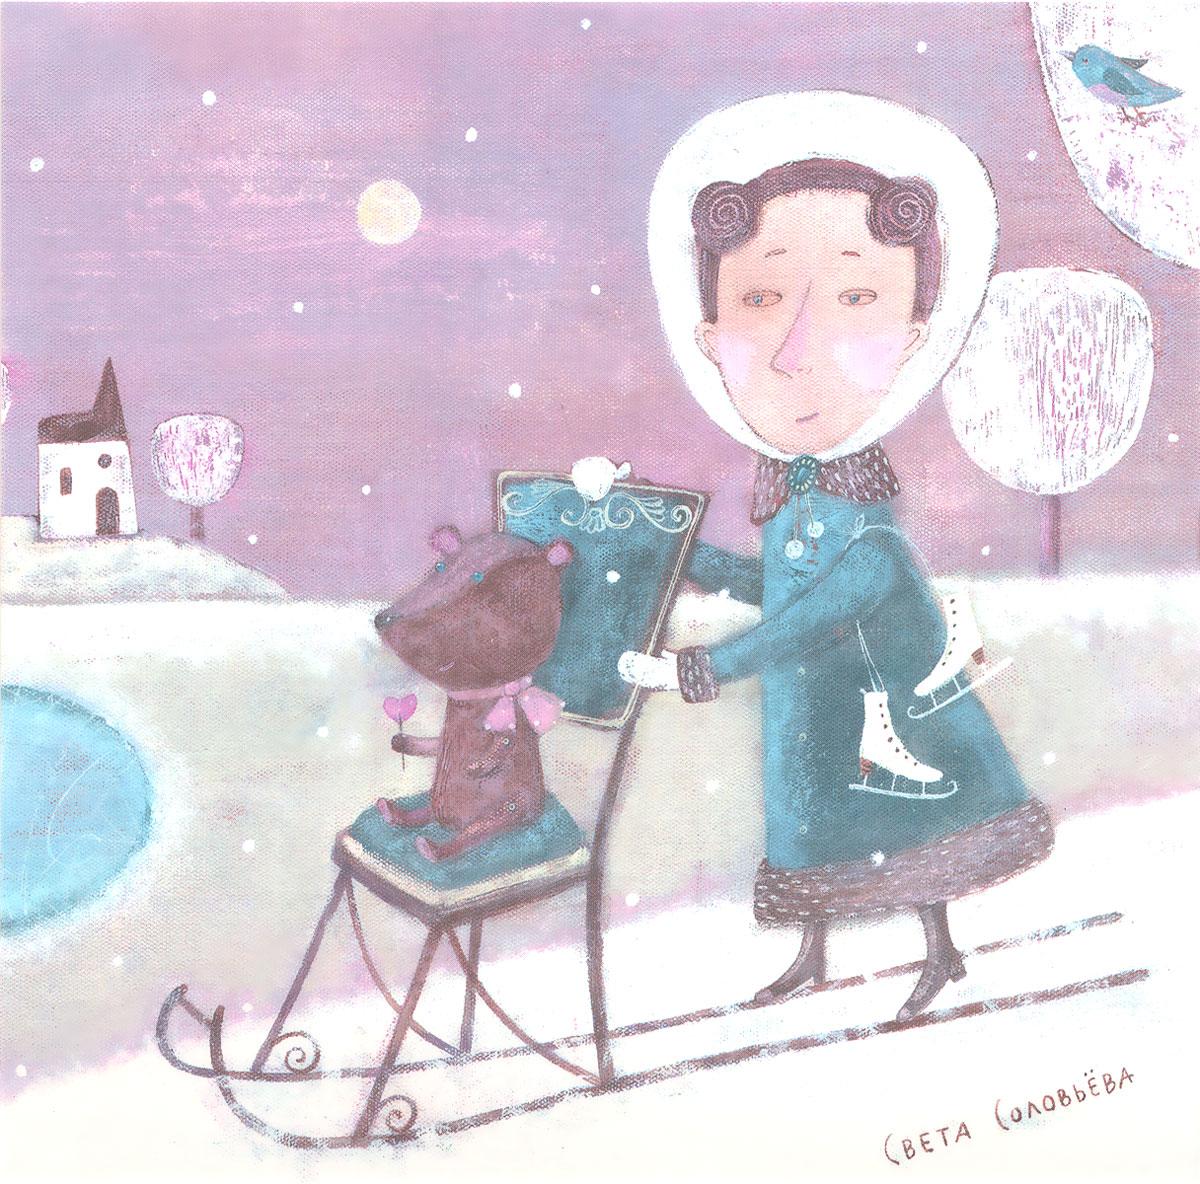 Открытка Последний день зимы. Автор Соловьева СветланаSvS10-014Оригинальная дизайнерская открытка Последний день зимы выполнена из плотного матового картона. На лицевой стороне расположена репродукция картины художницы Светланы Соловьевой с изображением девушки, катающей медведя на финских санях. На задней стороне имеется поле для записей. Такая открытка станет великолепным дополнением к новогоднему подарку или оригинальным почтовым посланием, которое, несомненно, удивит получателя своим дизайном и подарит приятные воспоминания.